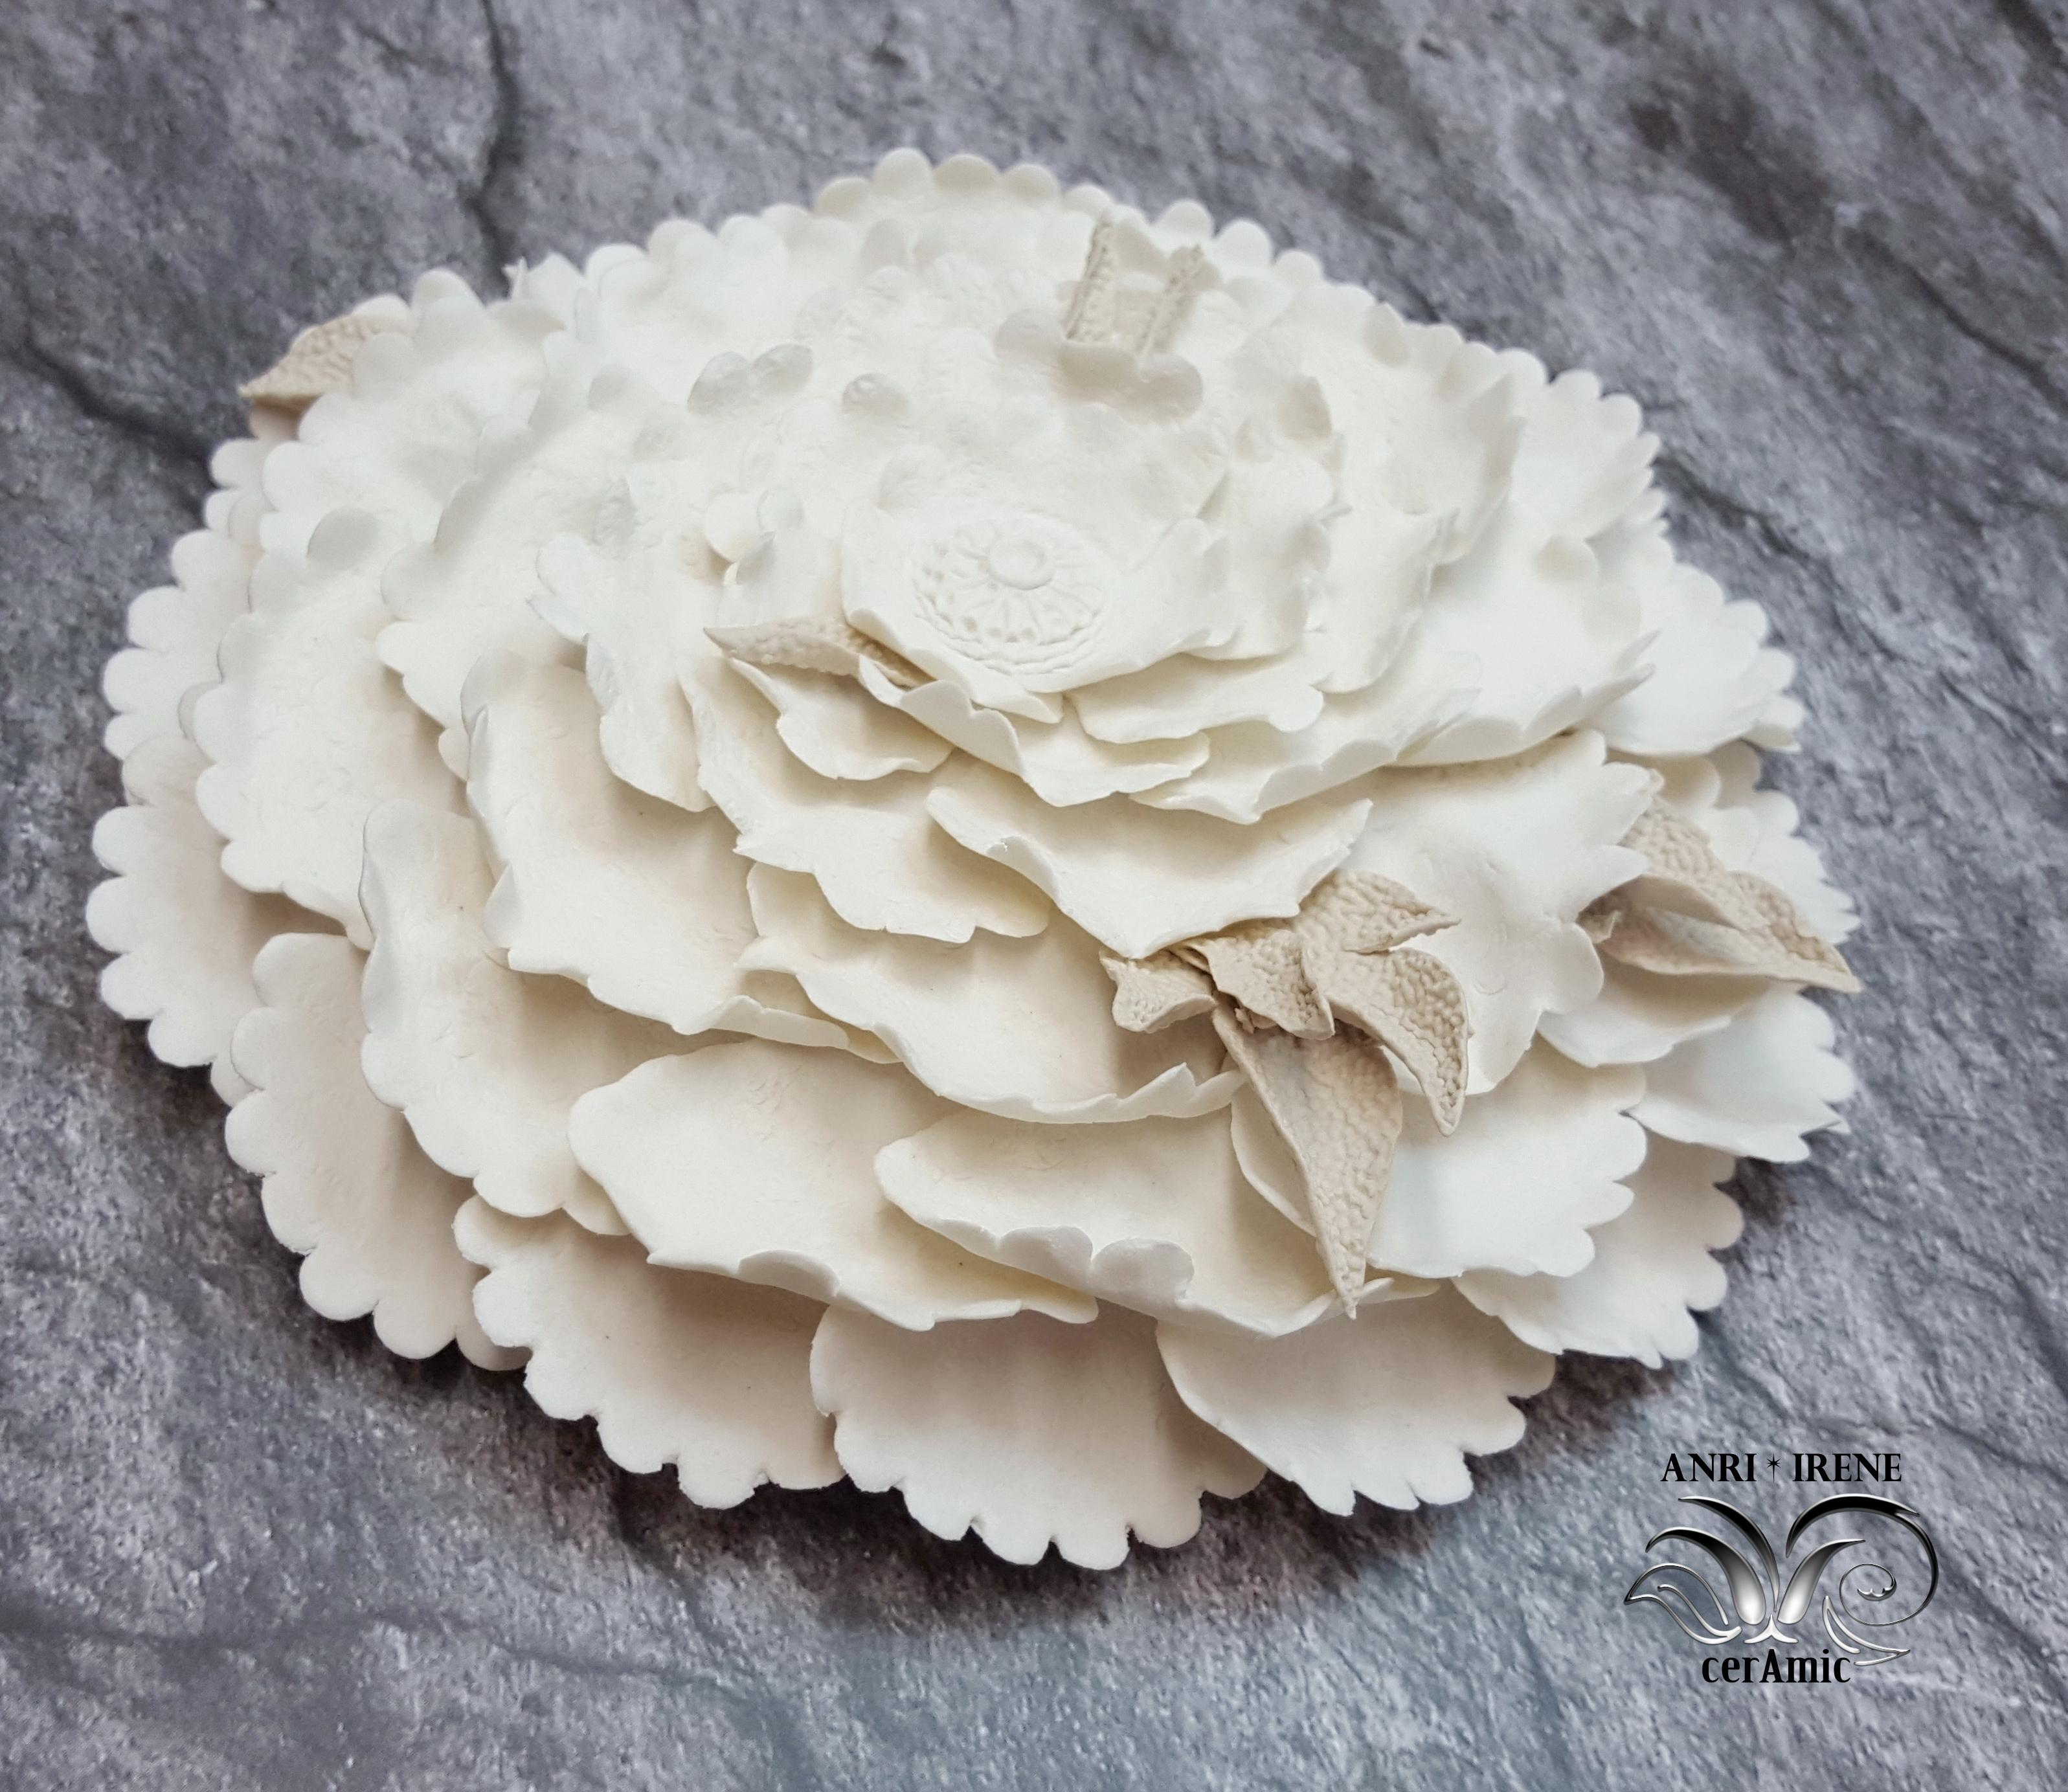 ceramic sea flora, ceramic floral